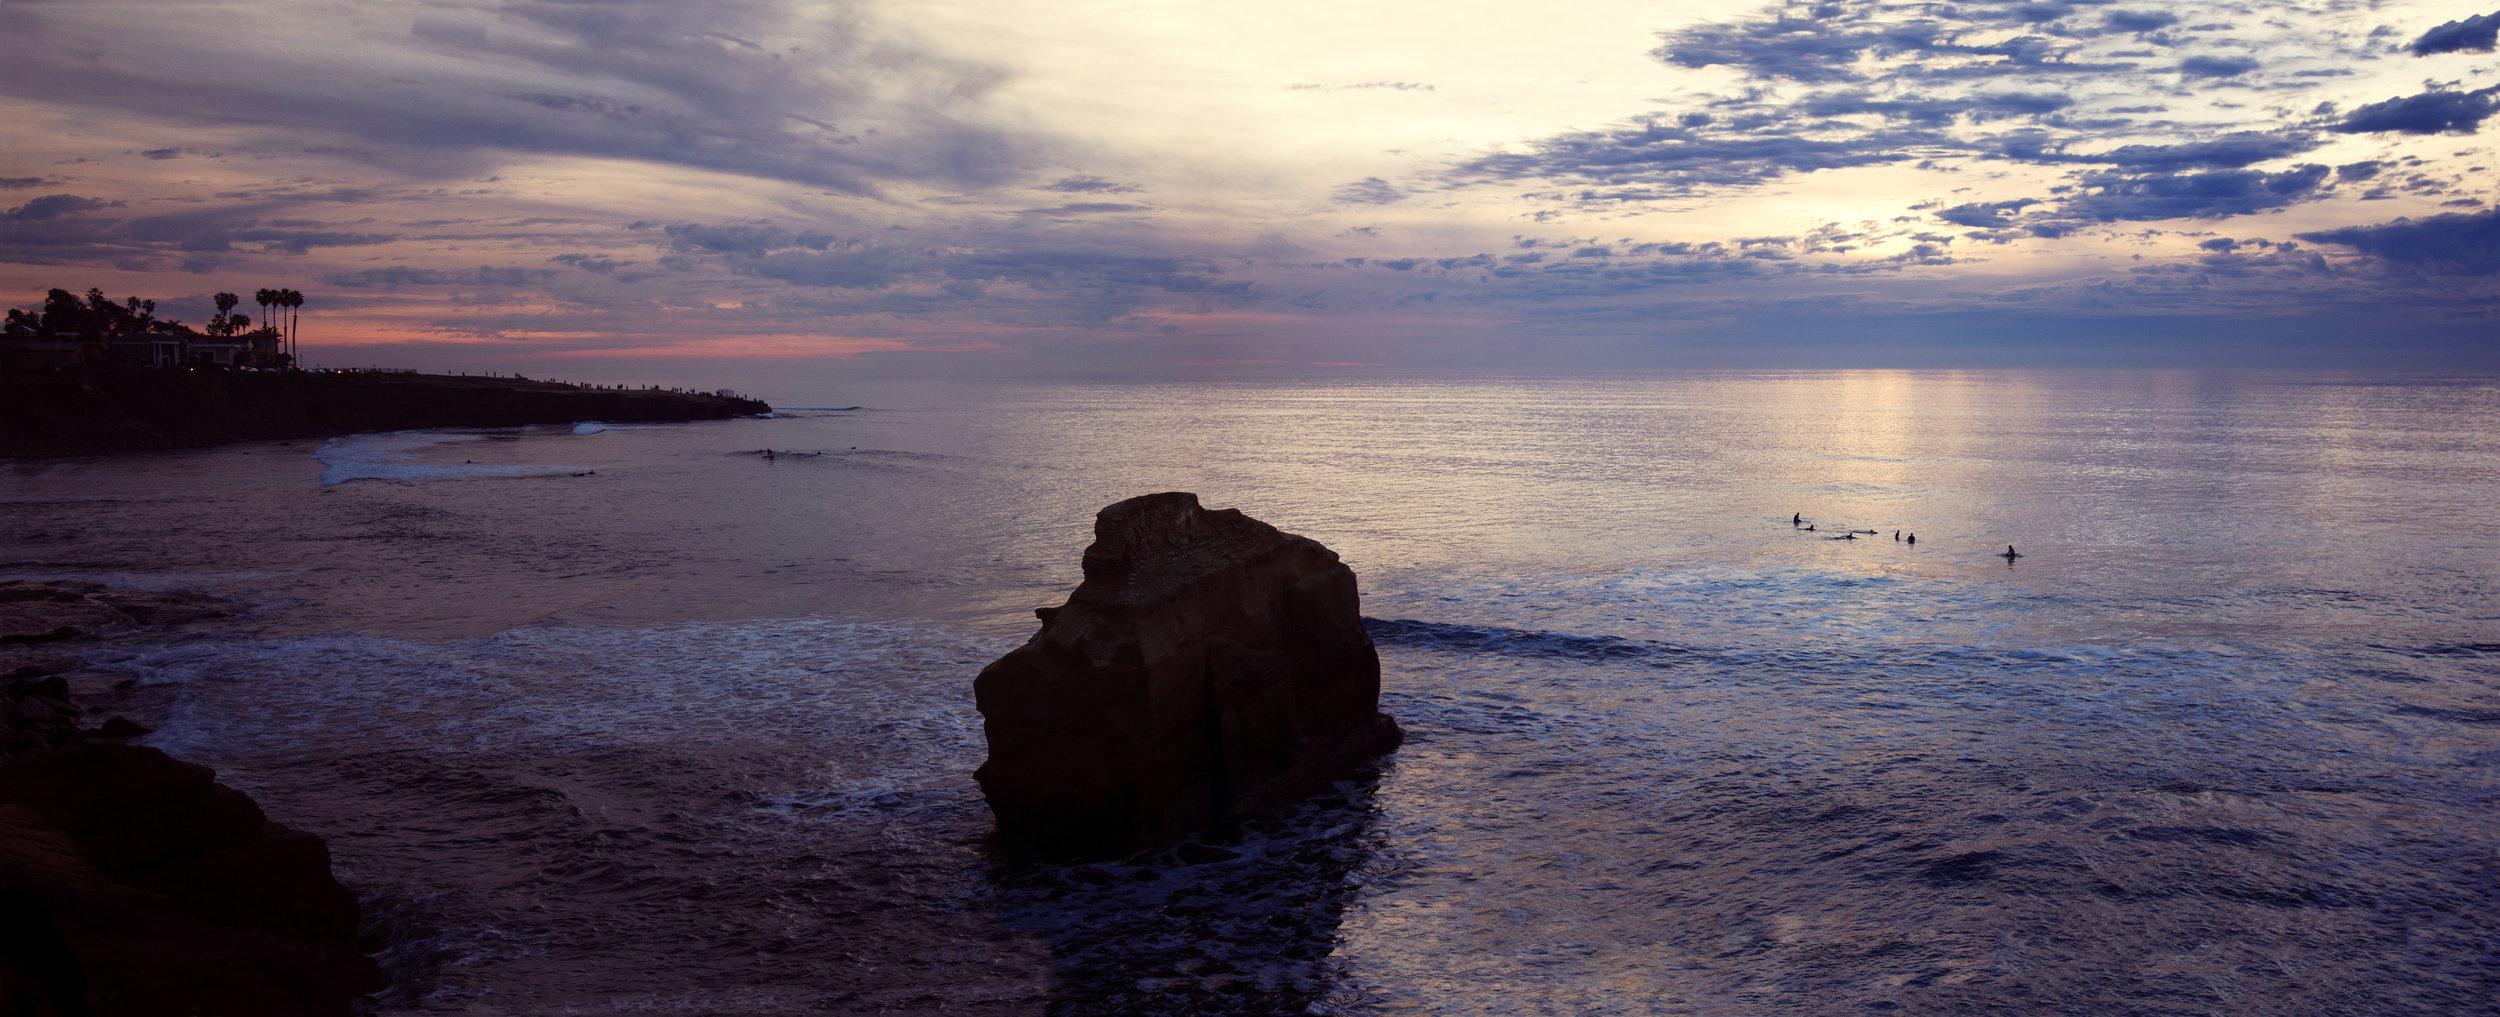 Sunsetcliffspanorama-75.jpg